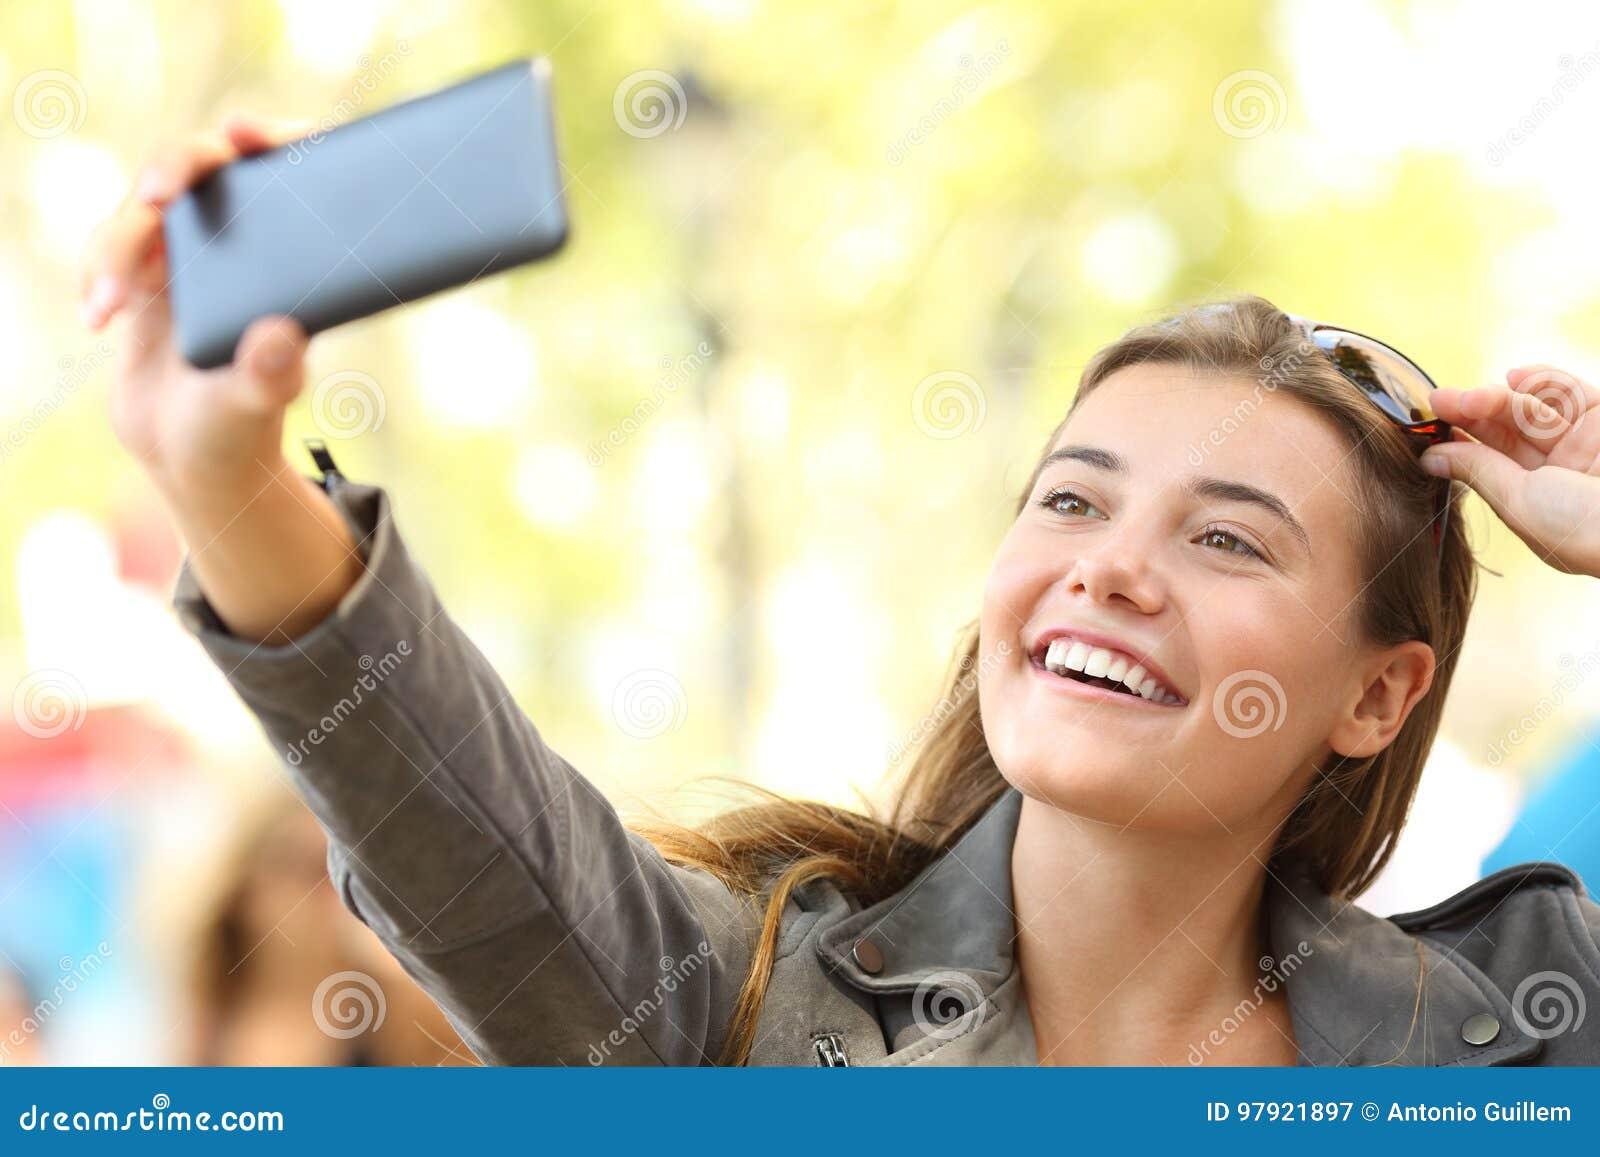 Mode jugendlich nehmende selfies auf der Straße